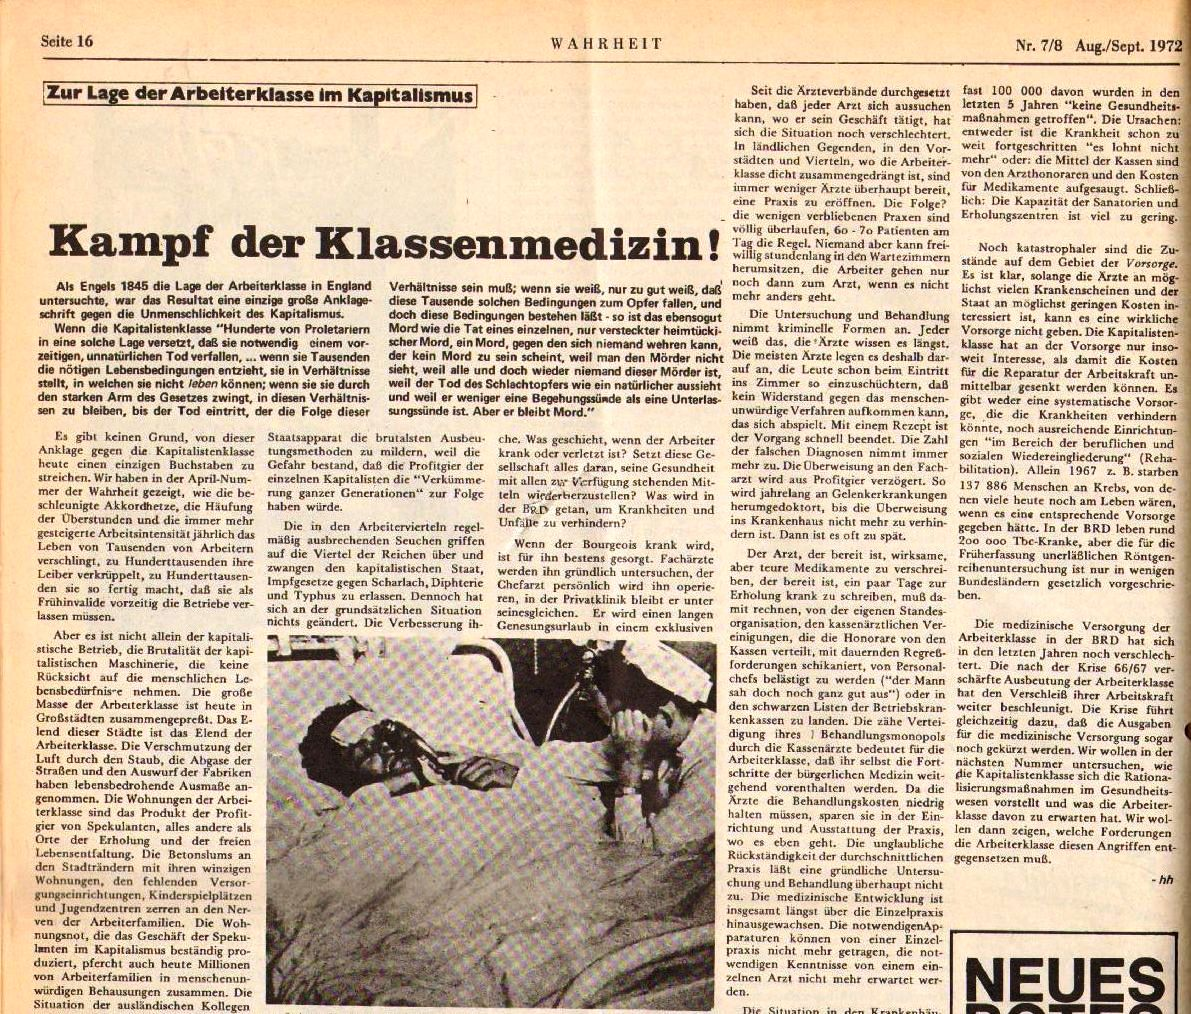 Wahrheit_1972_07_31